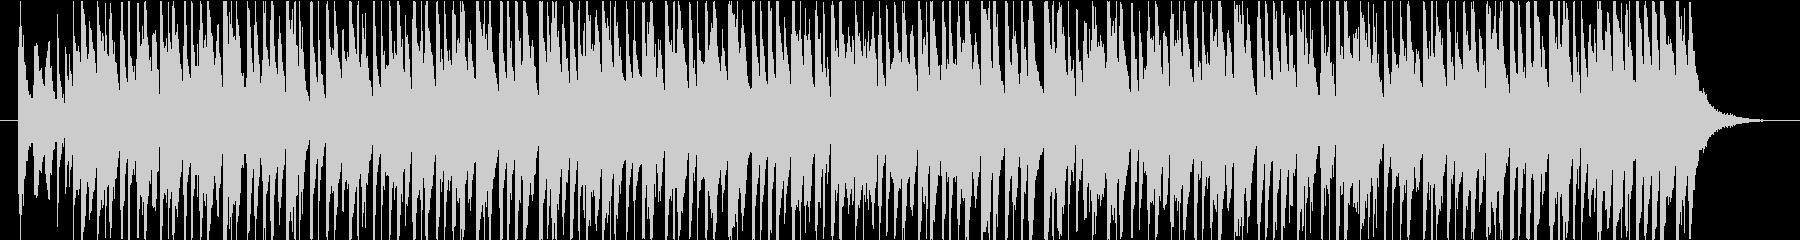 管楽器をメインとした軽快な可愛いPOPSの未再生の波形